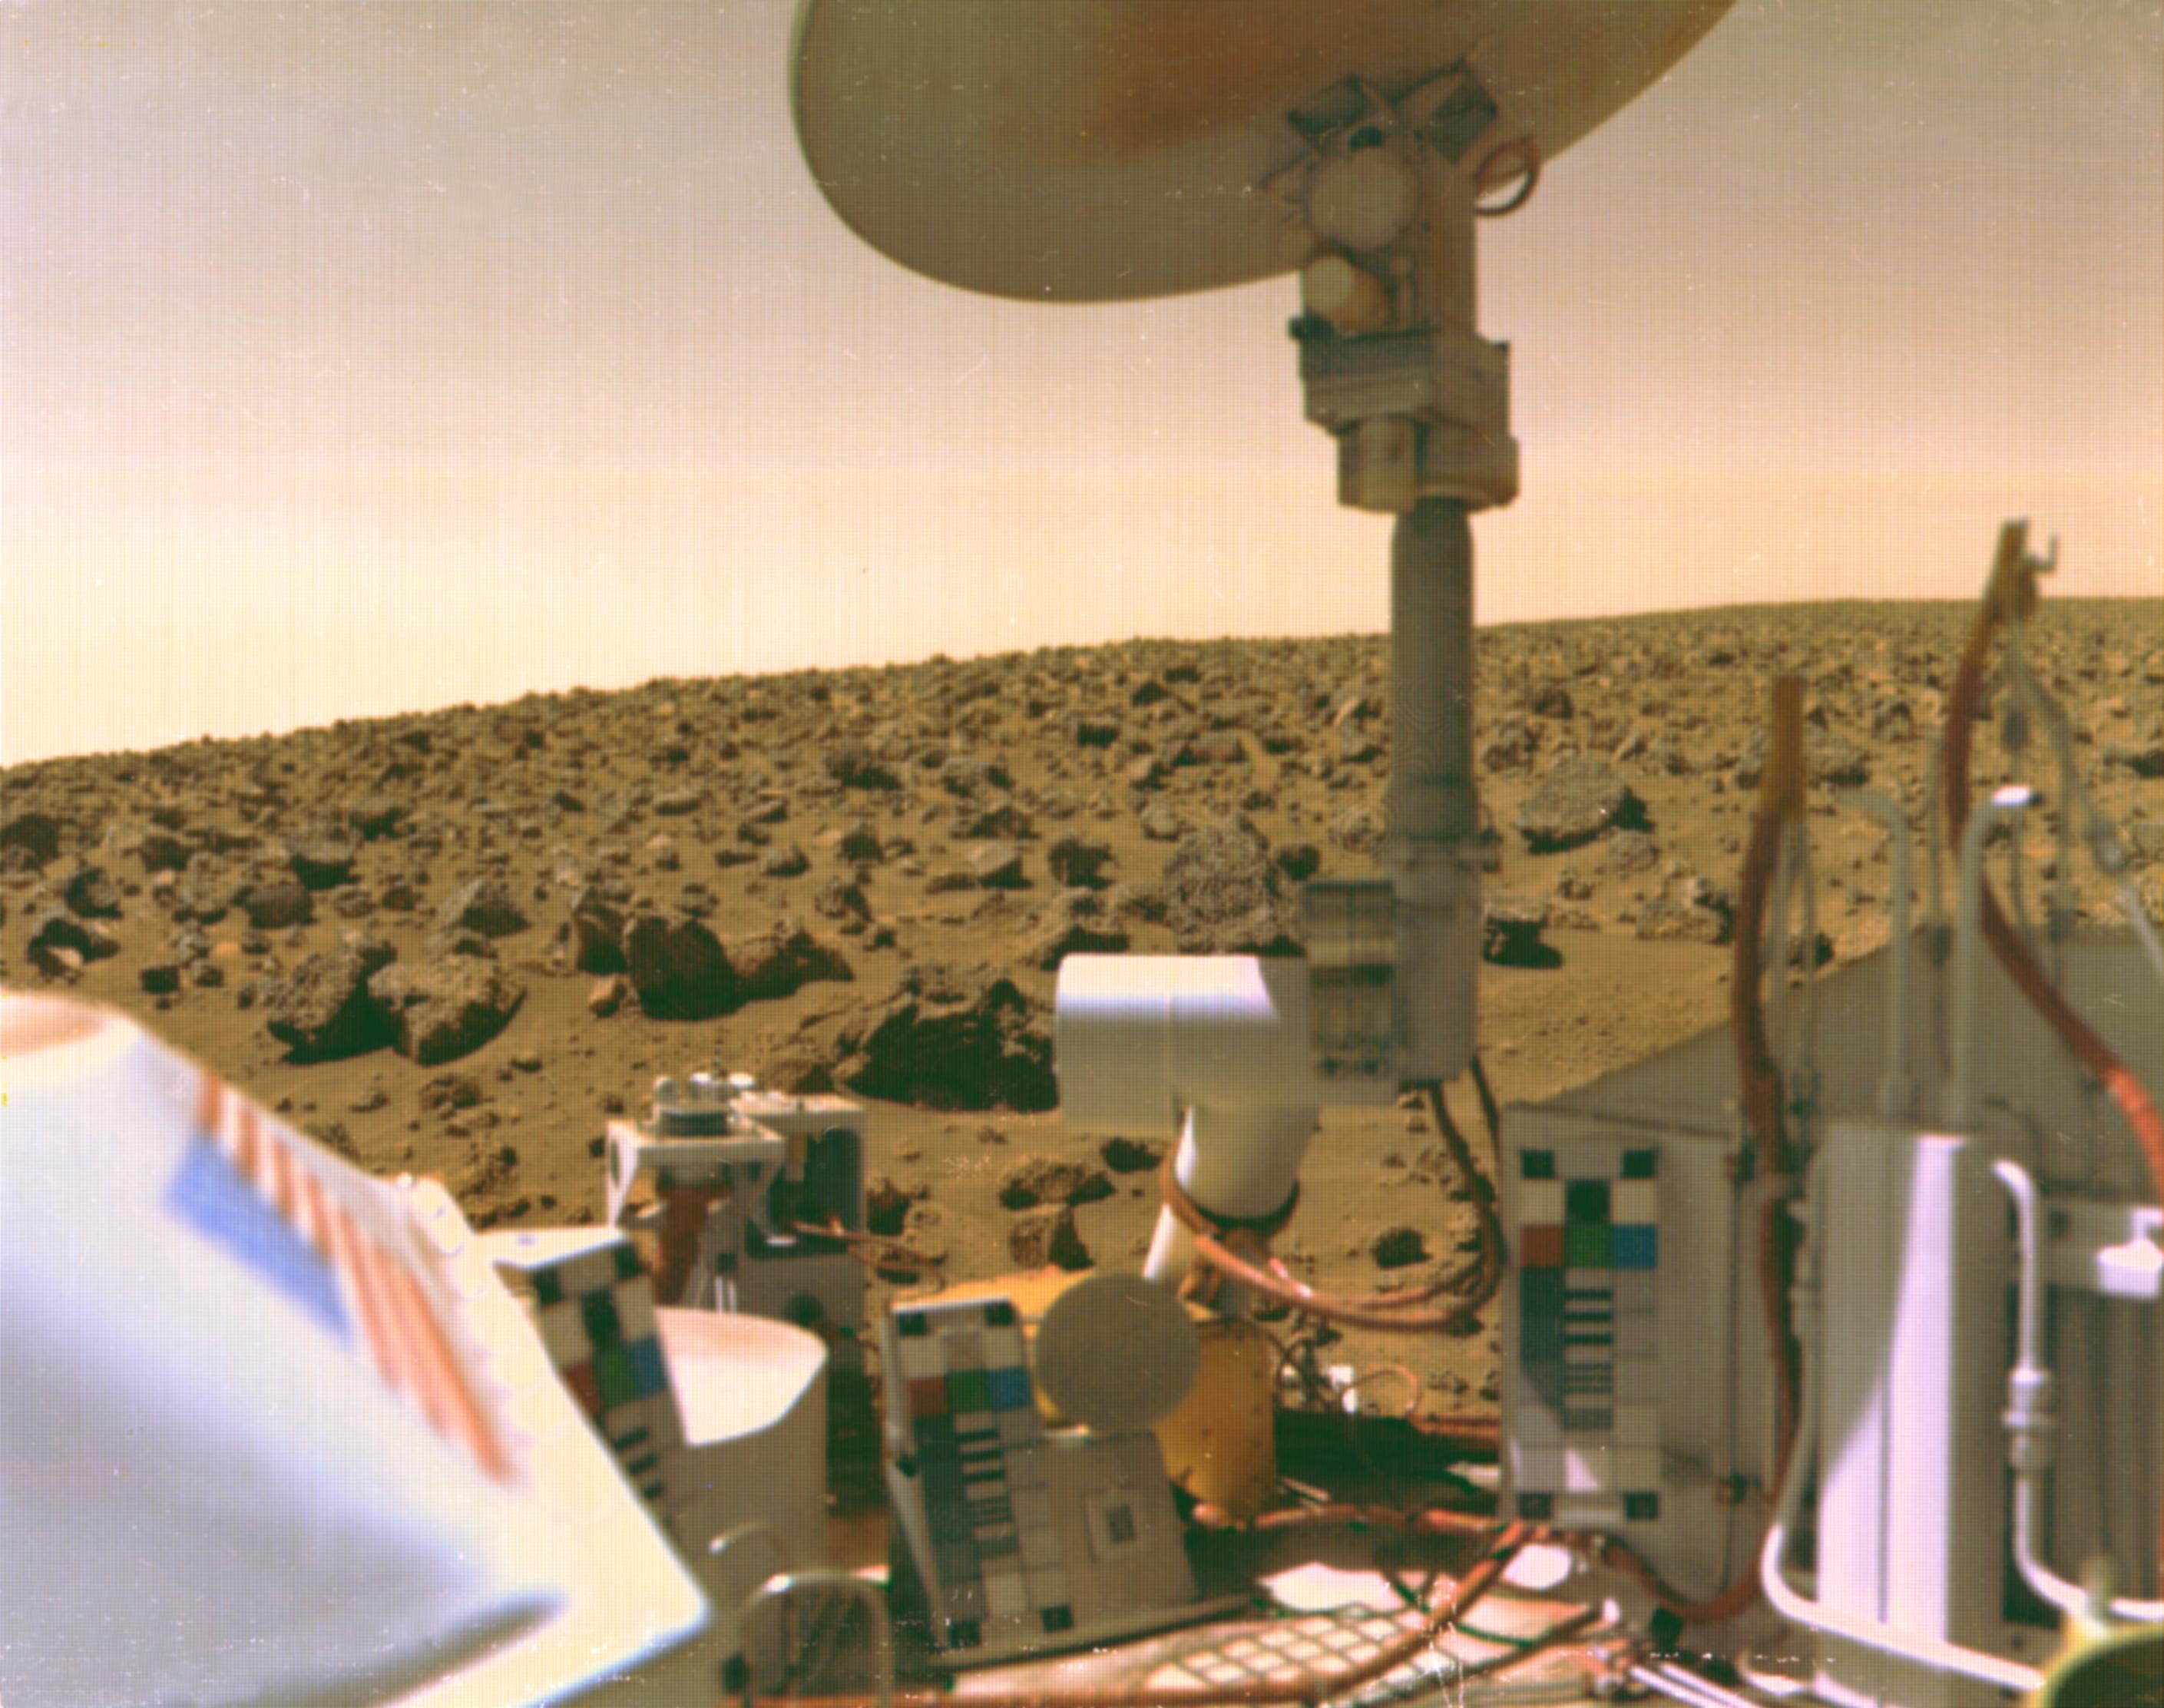 Viking 2 donne sur Utopia Planitia.